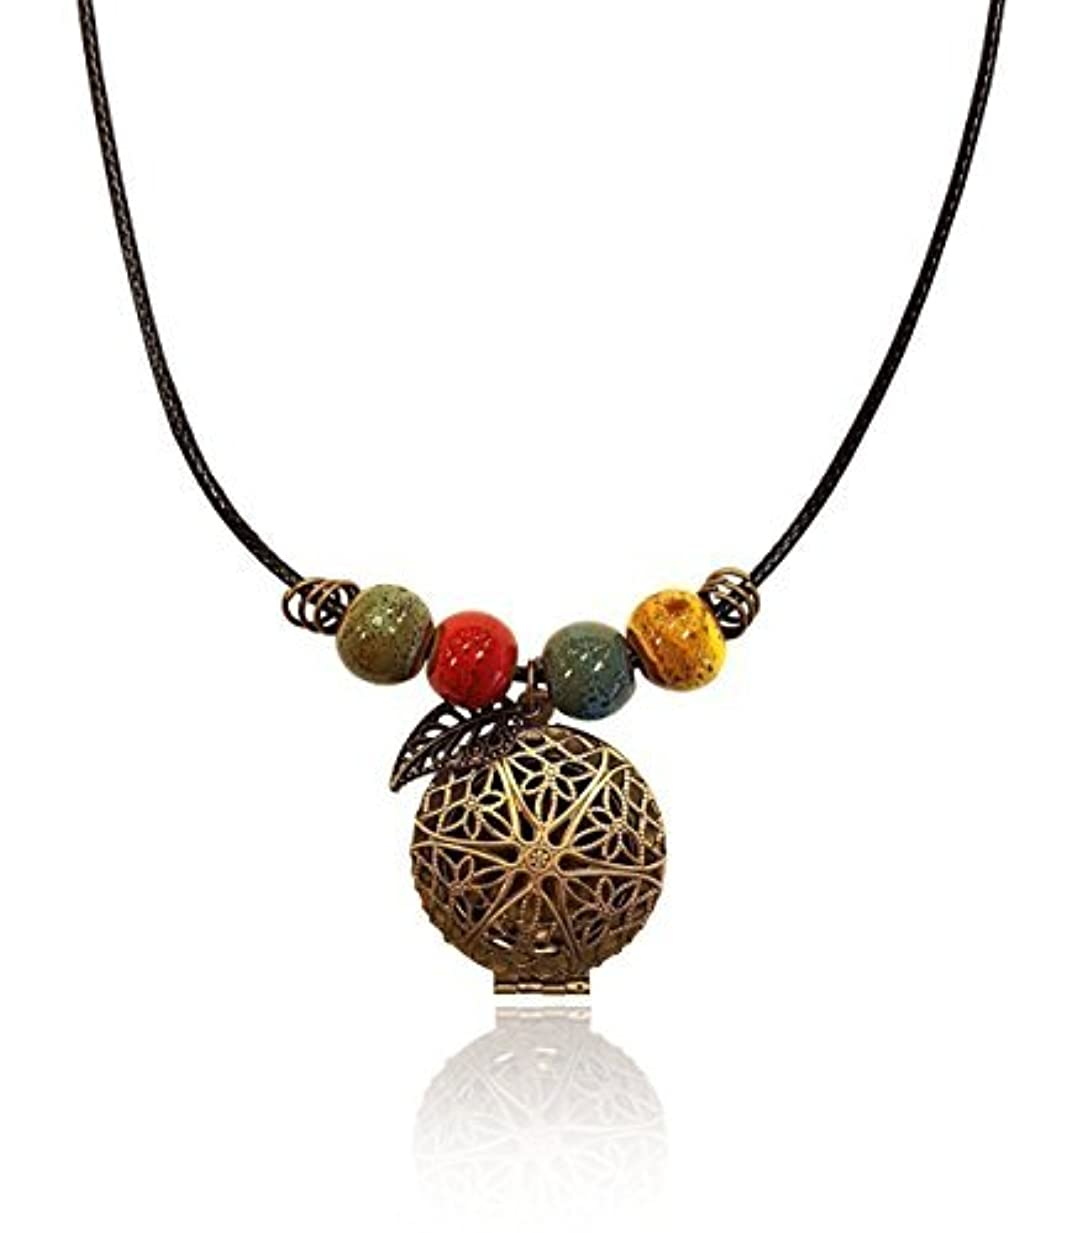 ライド単なる乗り出すBrass-tone BOHO Colorful Bohemian Beaded Gypsy Essential Oil Diffuser Jewelry Aromatherapy Locket Pendant includes...